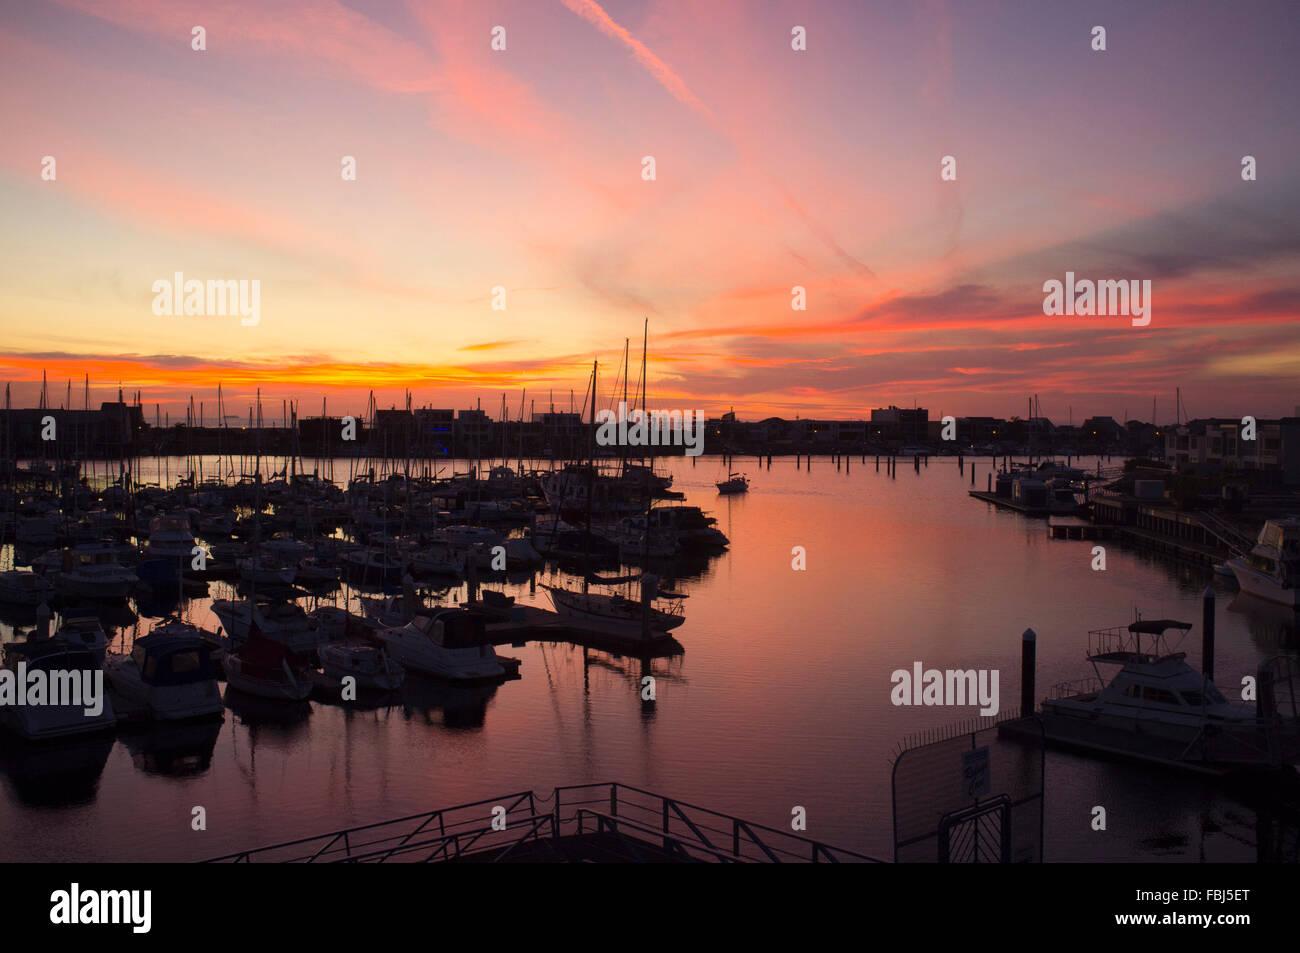 Adelaide, Australien. 17. Januar 2016. Boote in einem Adelaide Marina Hafen sind Silhouette gegen schönen Sonnenuntergang Stockfoto